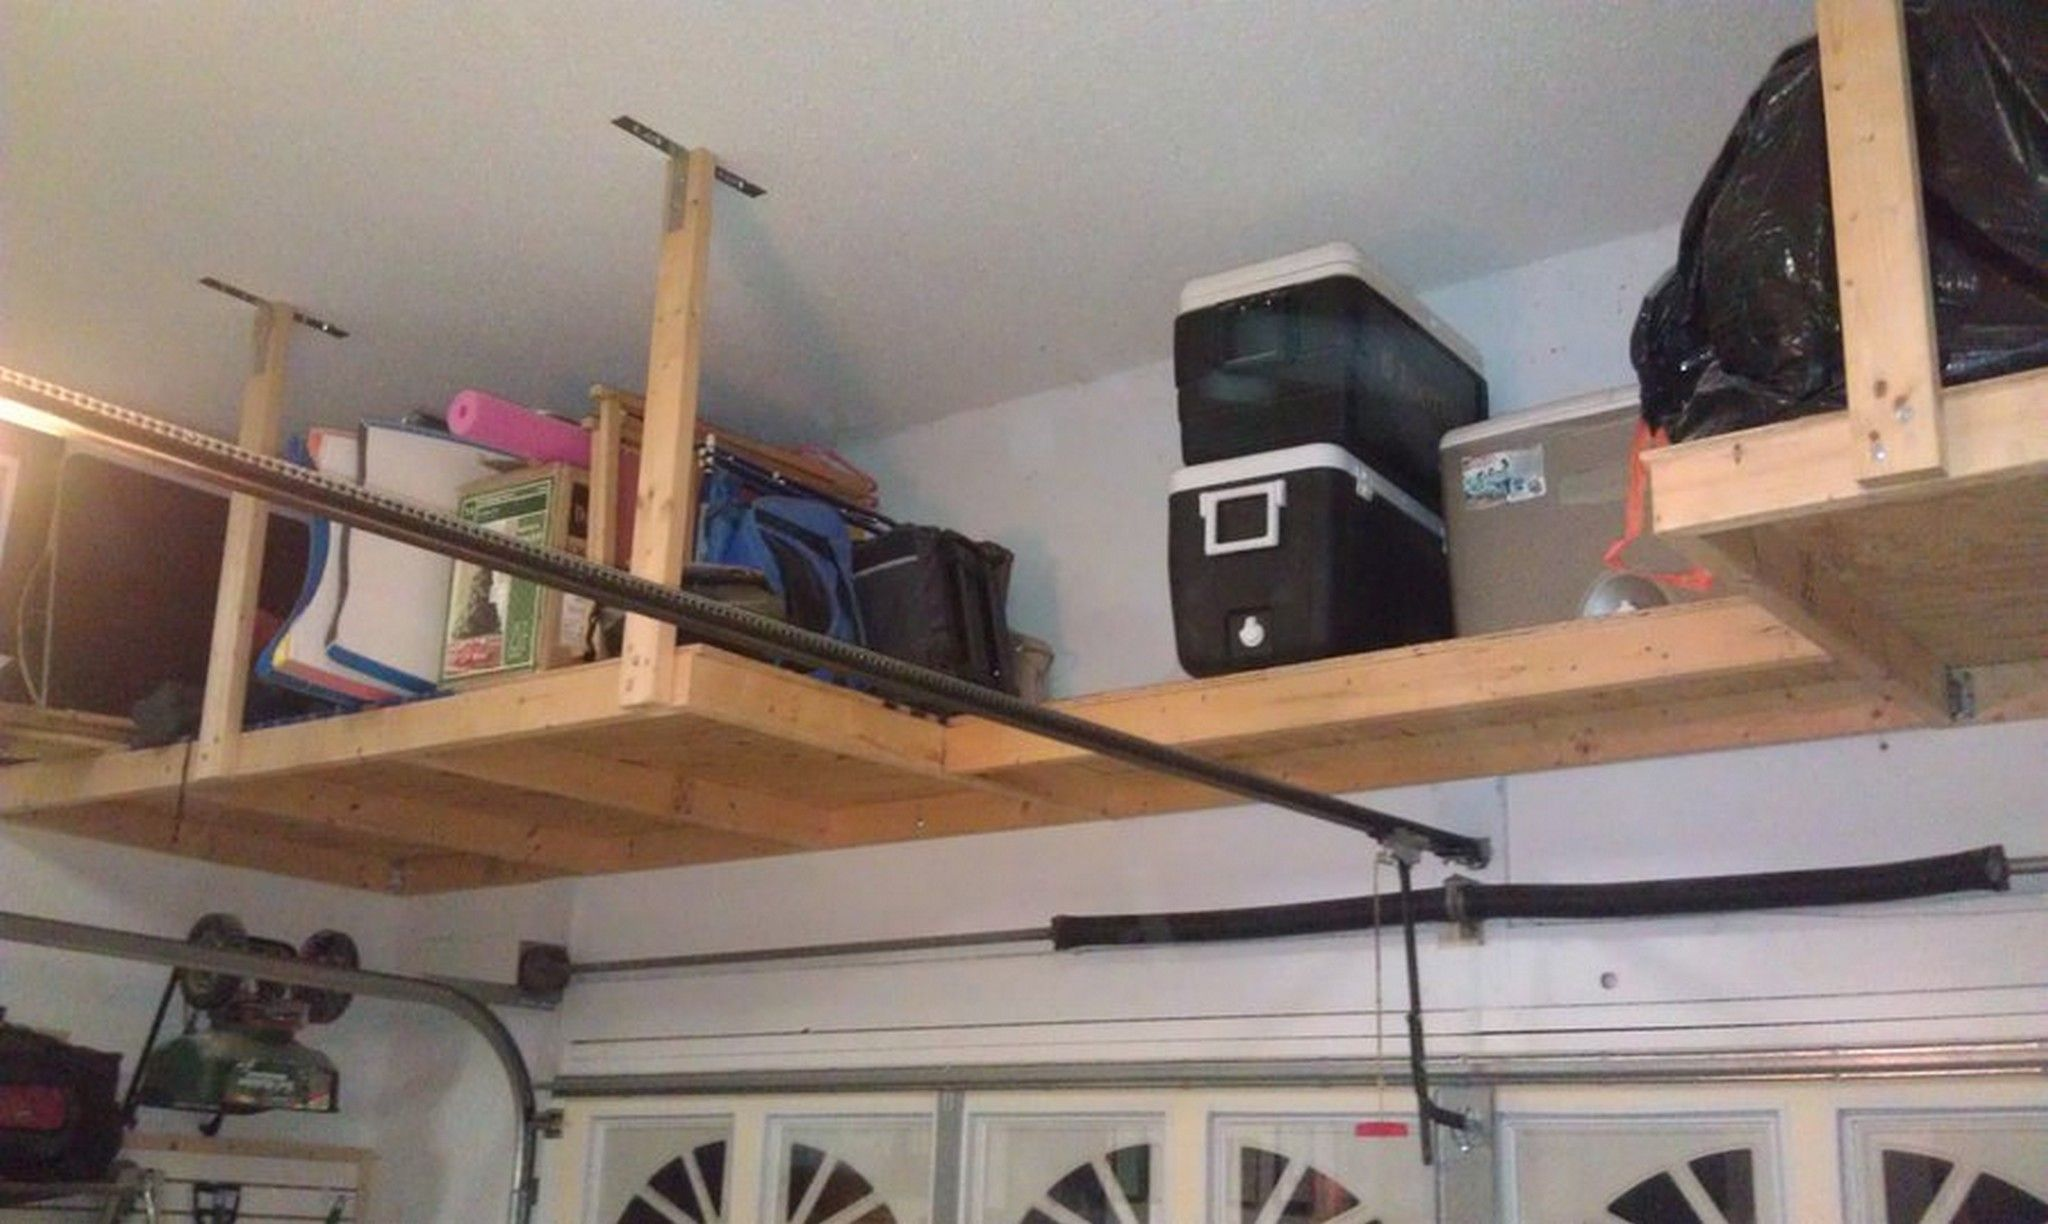 Build Wood Garage Storage Beginner Woodworking Project Garage Ceiling Storage Diy Garage Storage Overhead Garage Storage